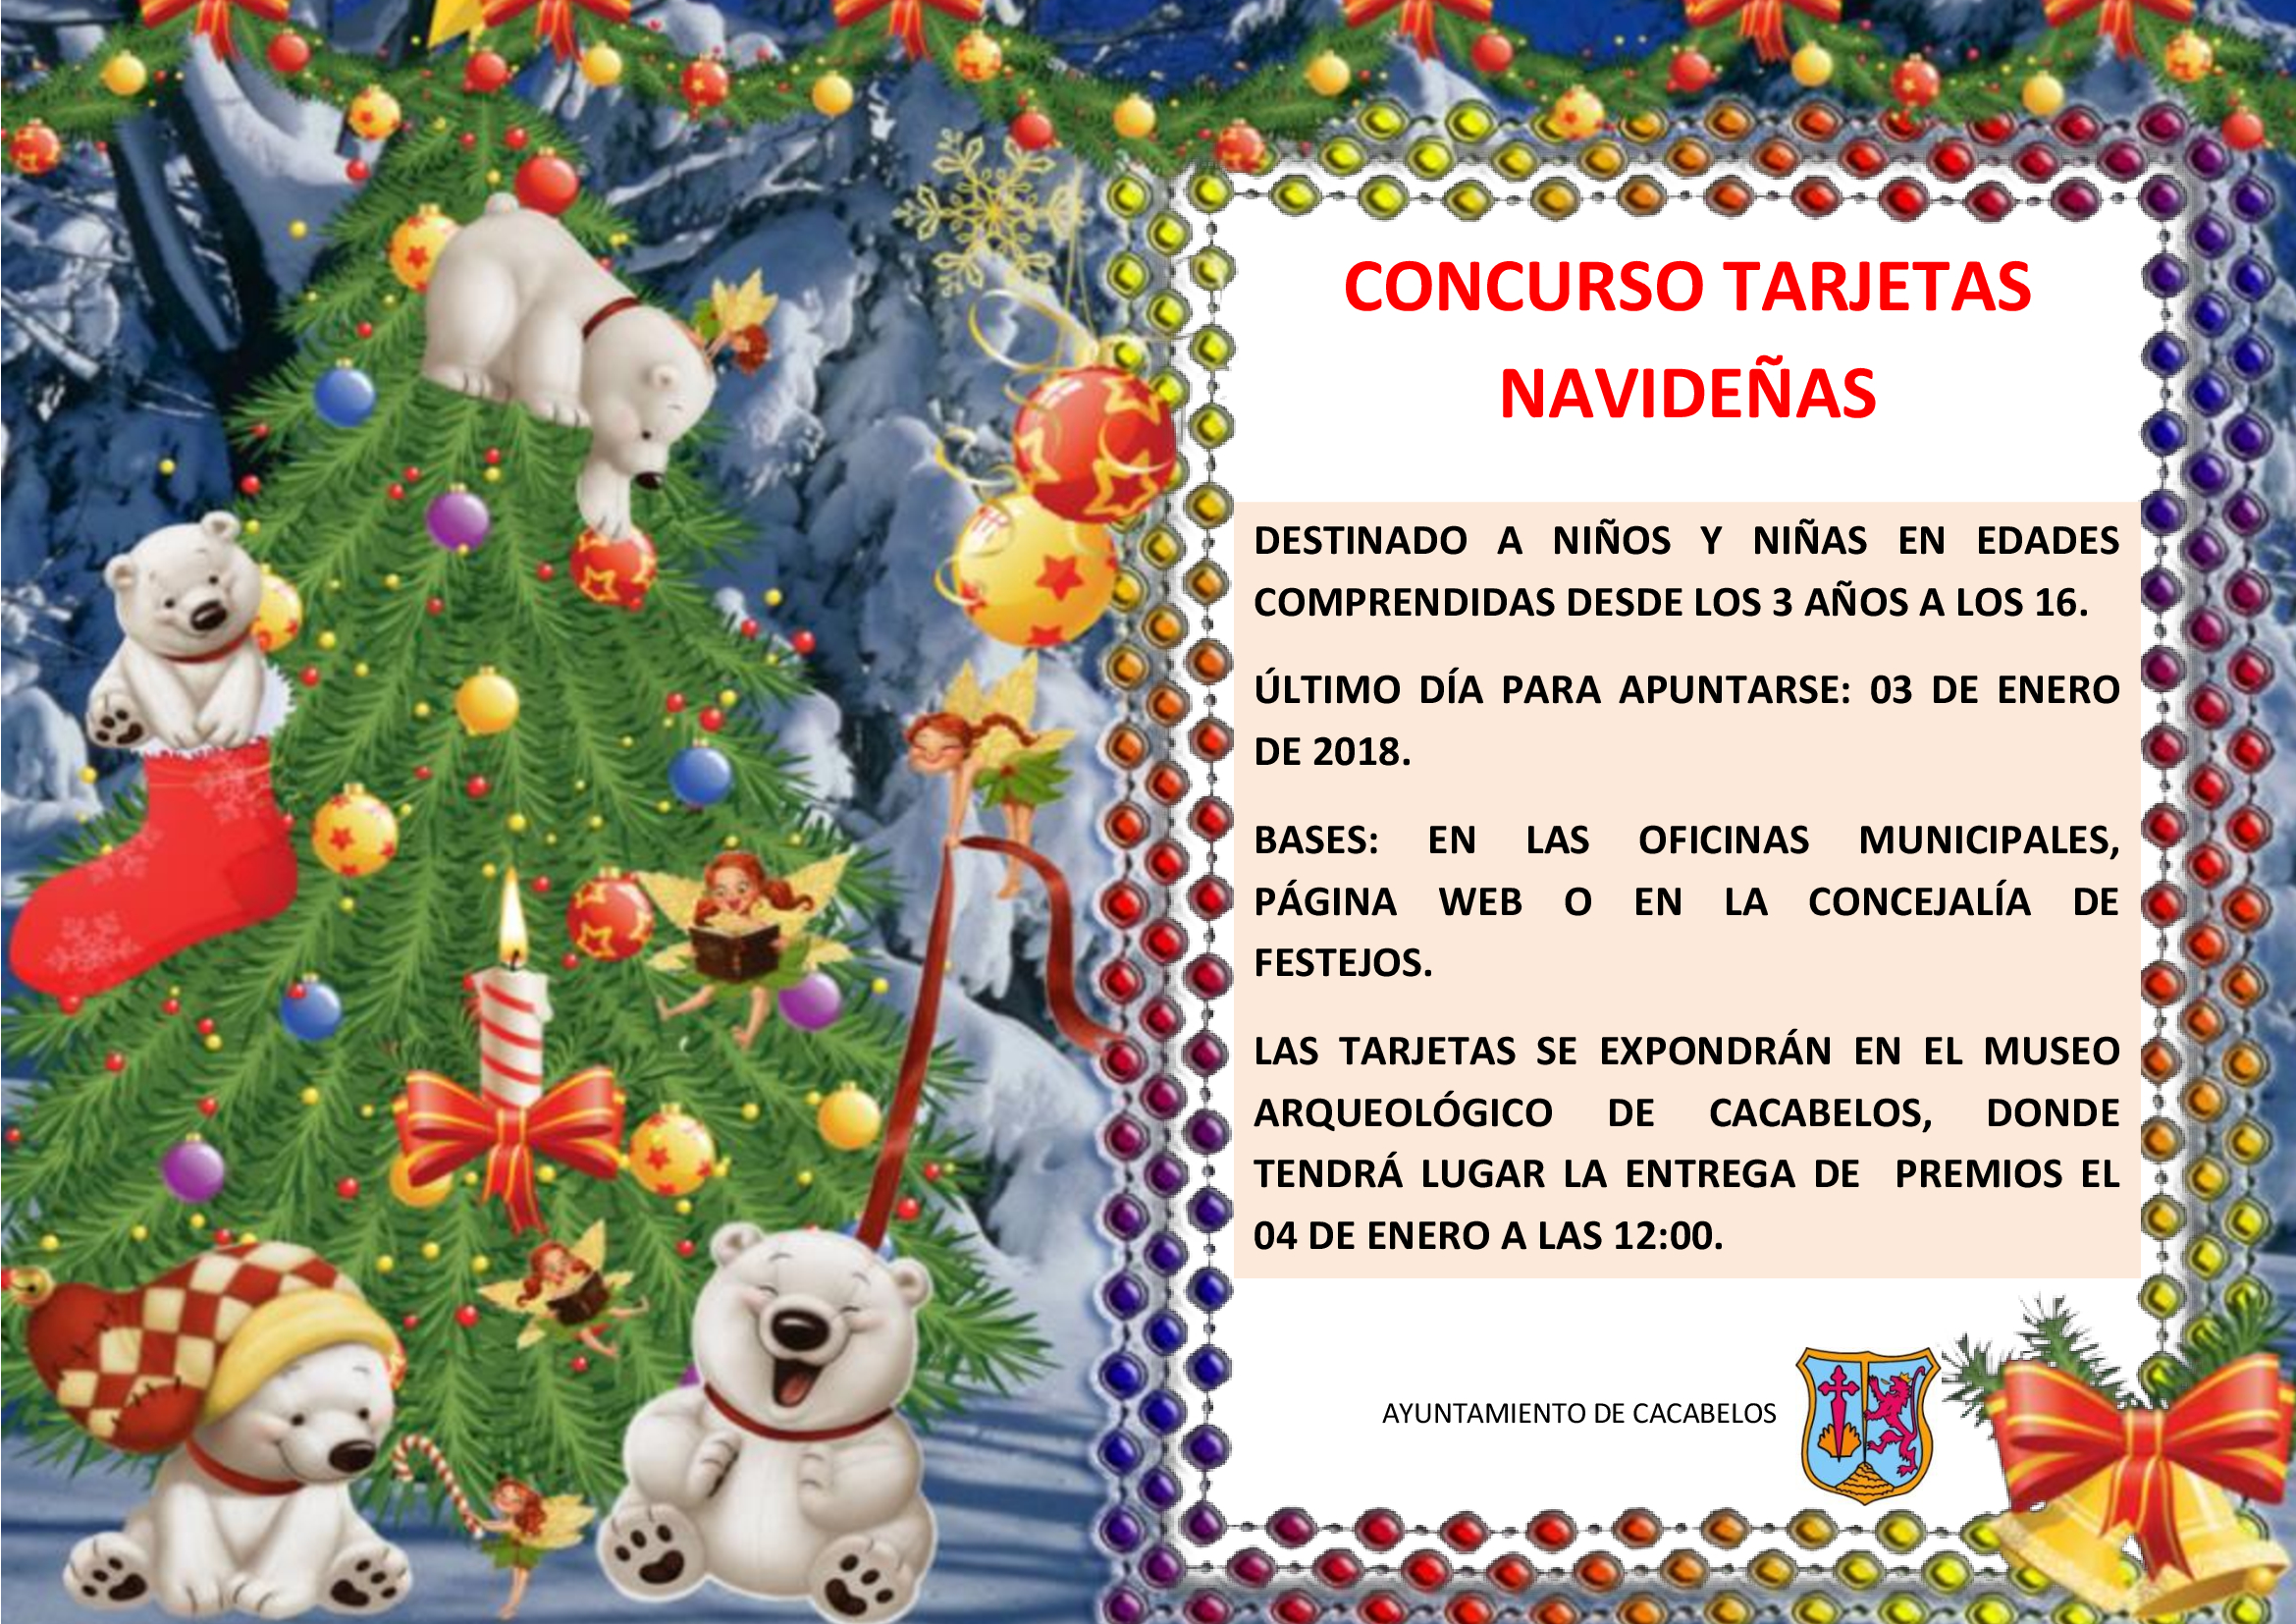 concurso de tarjetas navideñas ayuntamiento de cacabelos